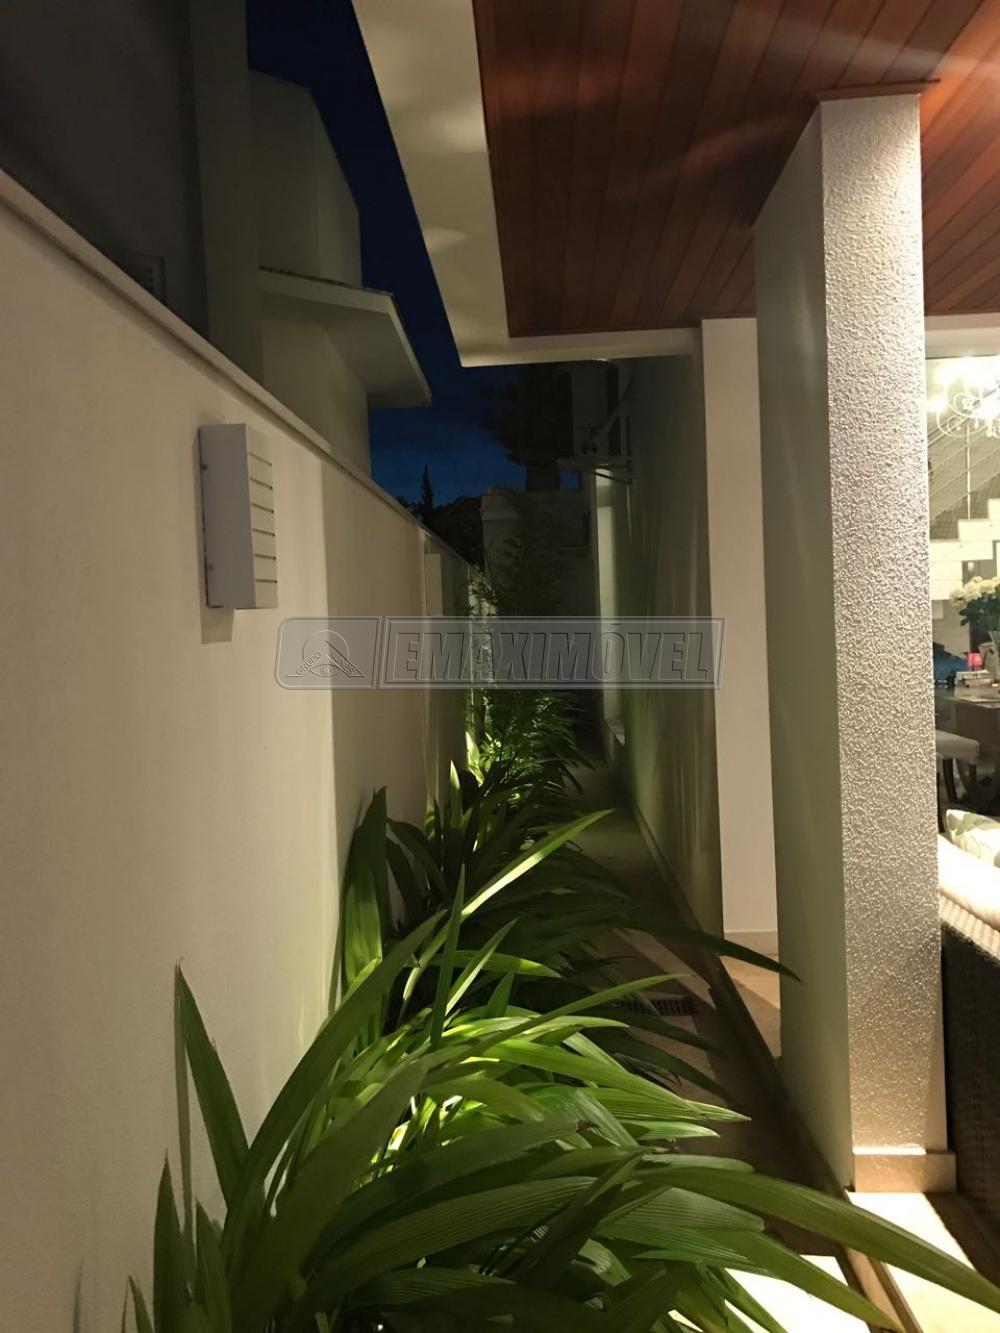 Comprar Casas / em Condomínios em Sorocaba apenas R$ 2.980.000,00 - Foto 18